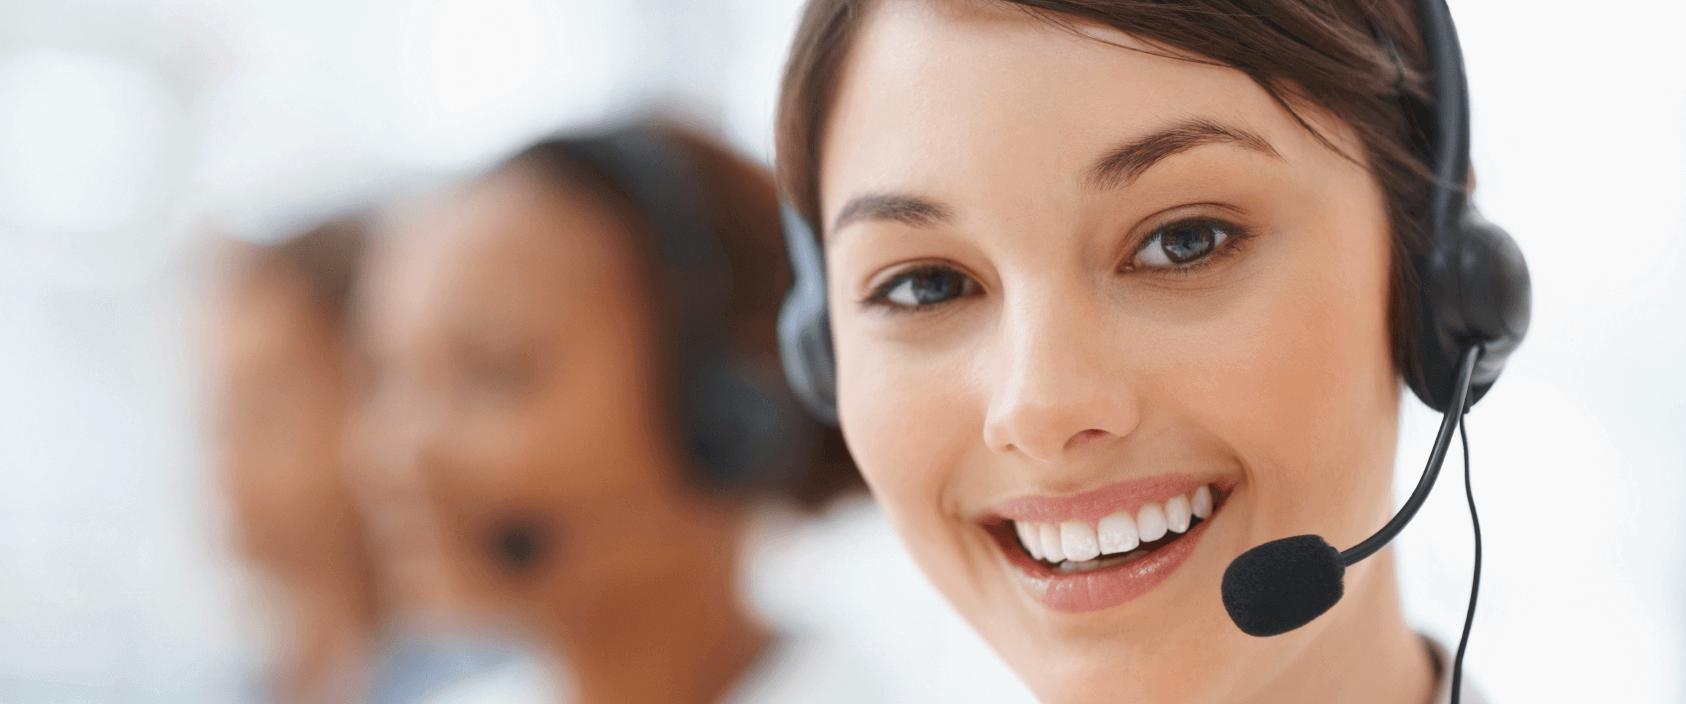 Как делать холодные звонки, как делать холодные звонки в продажах, как правильно делать холодные звонки